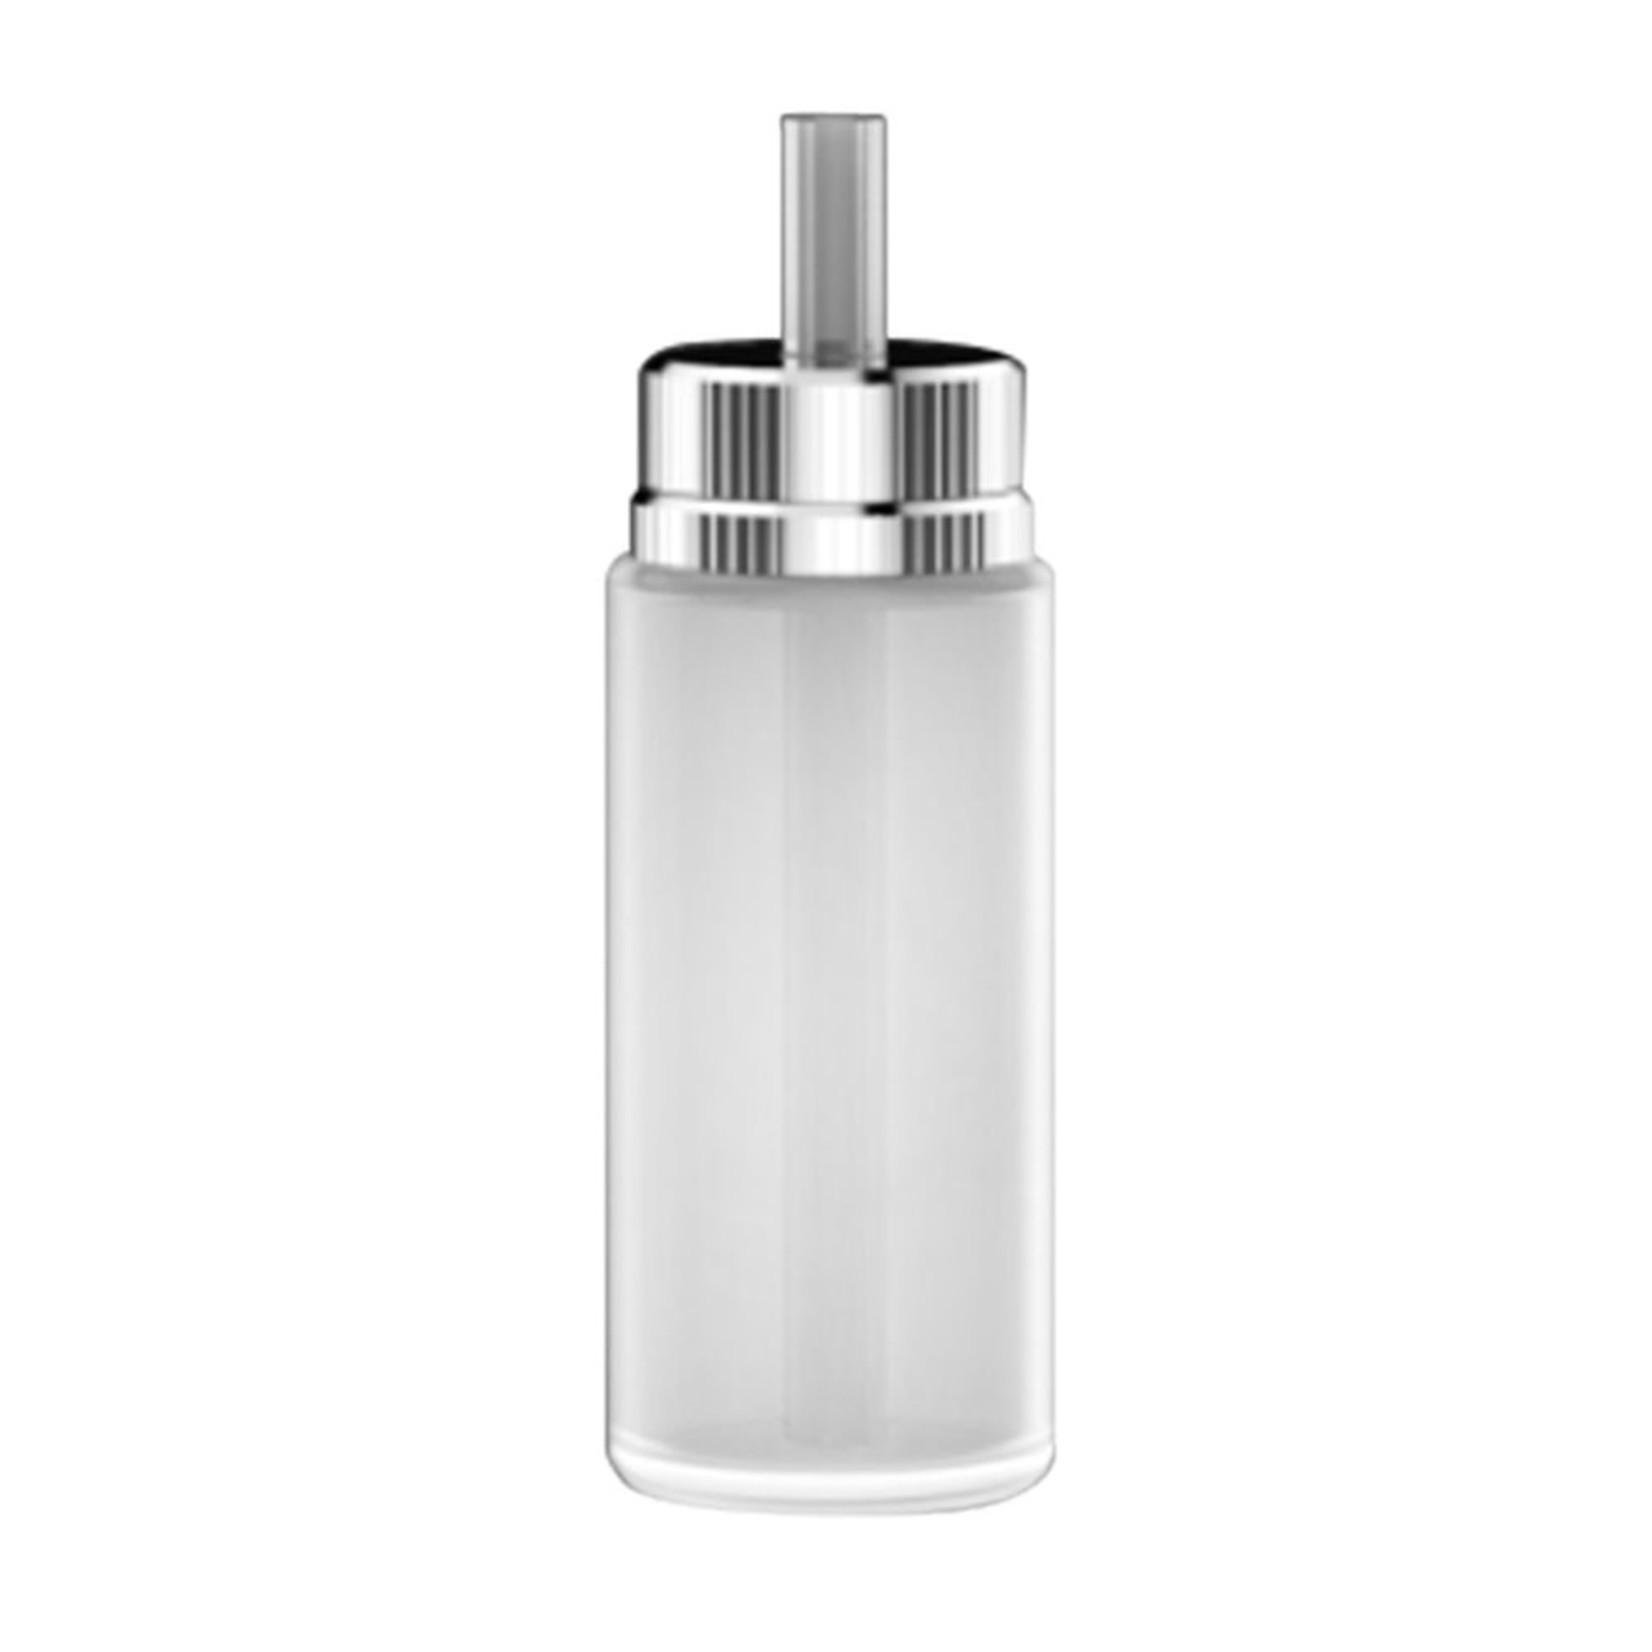 Geek Vape Squonk Bottle